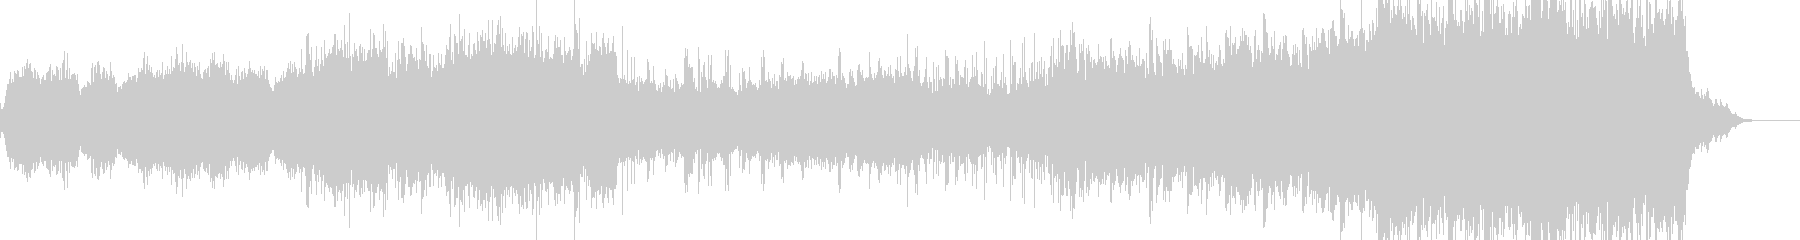 ボーカルパッドサウンドによるアンビエントの未再生の波形